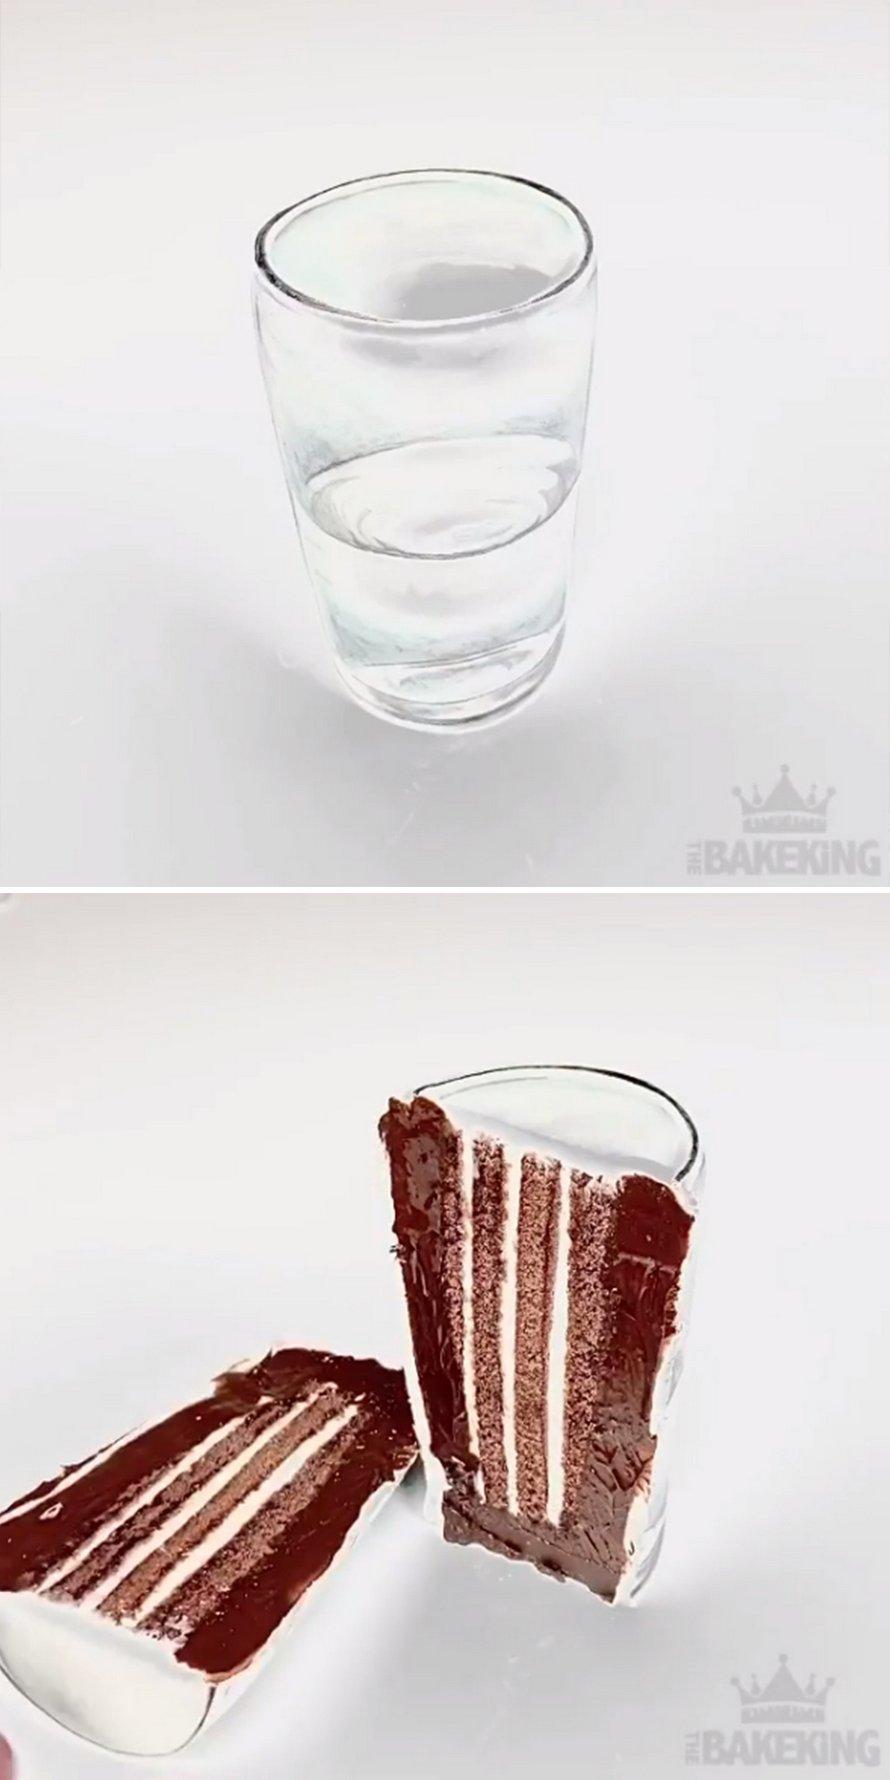 Una de tartas que no parecen tartas [22 fotos]